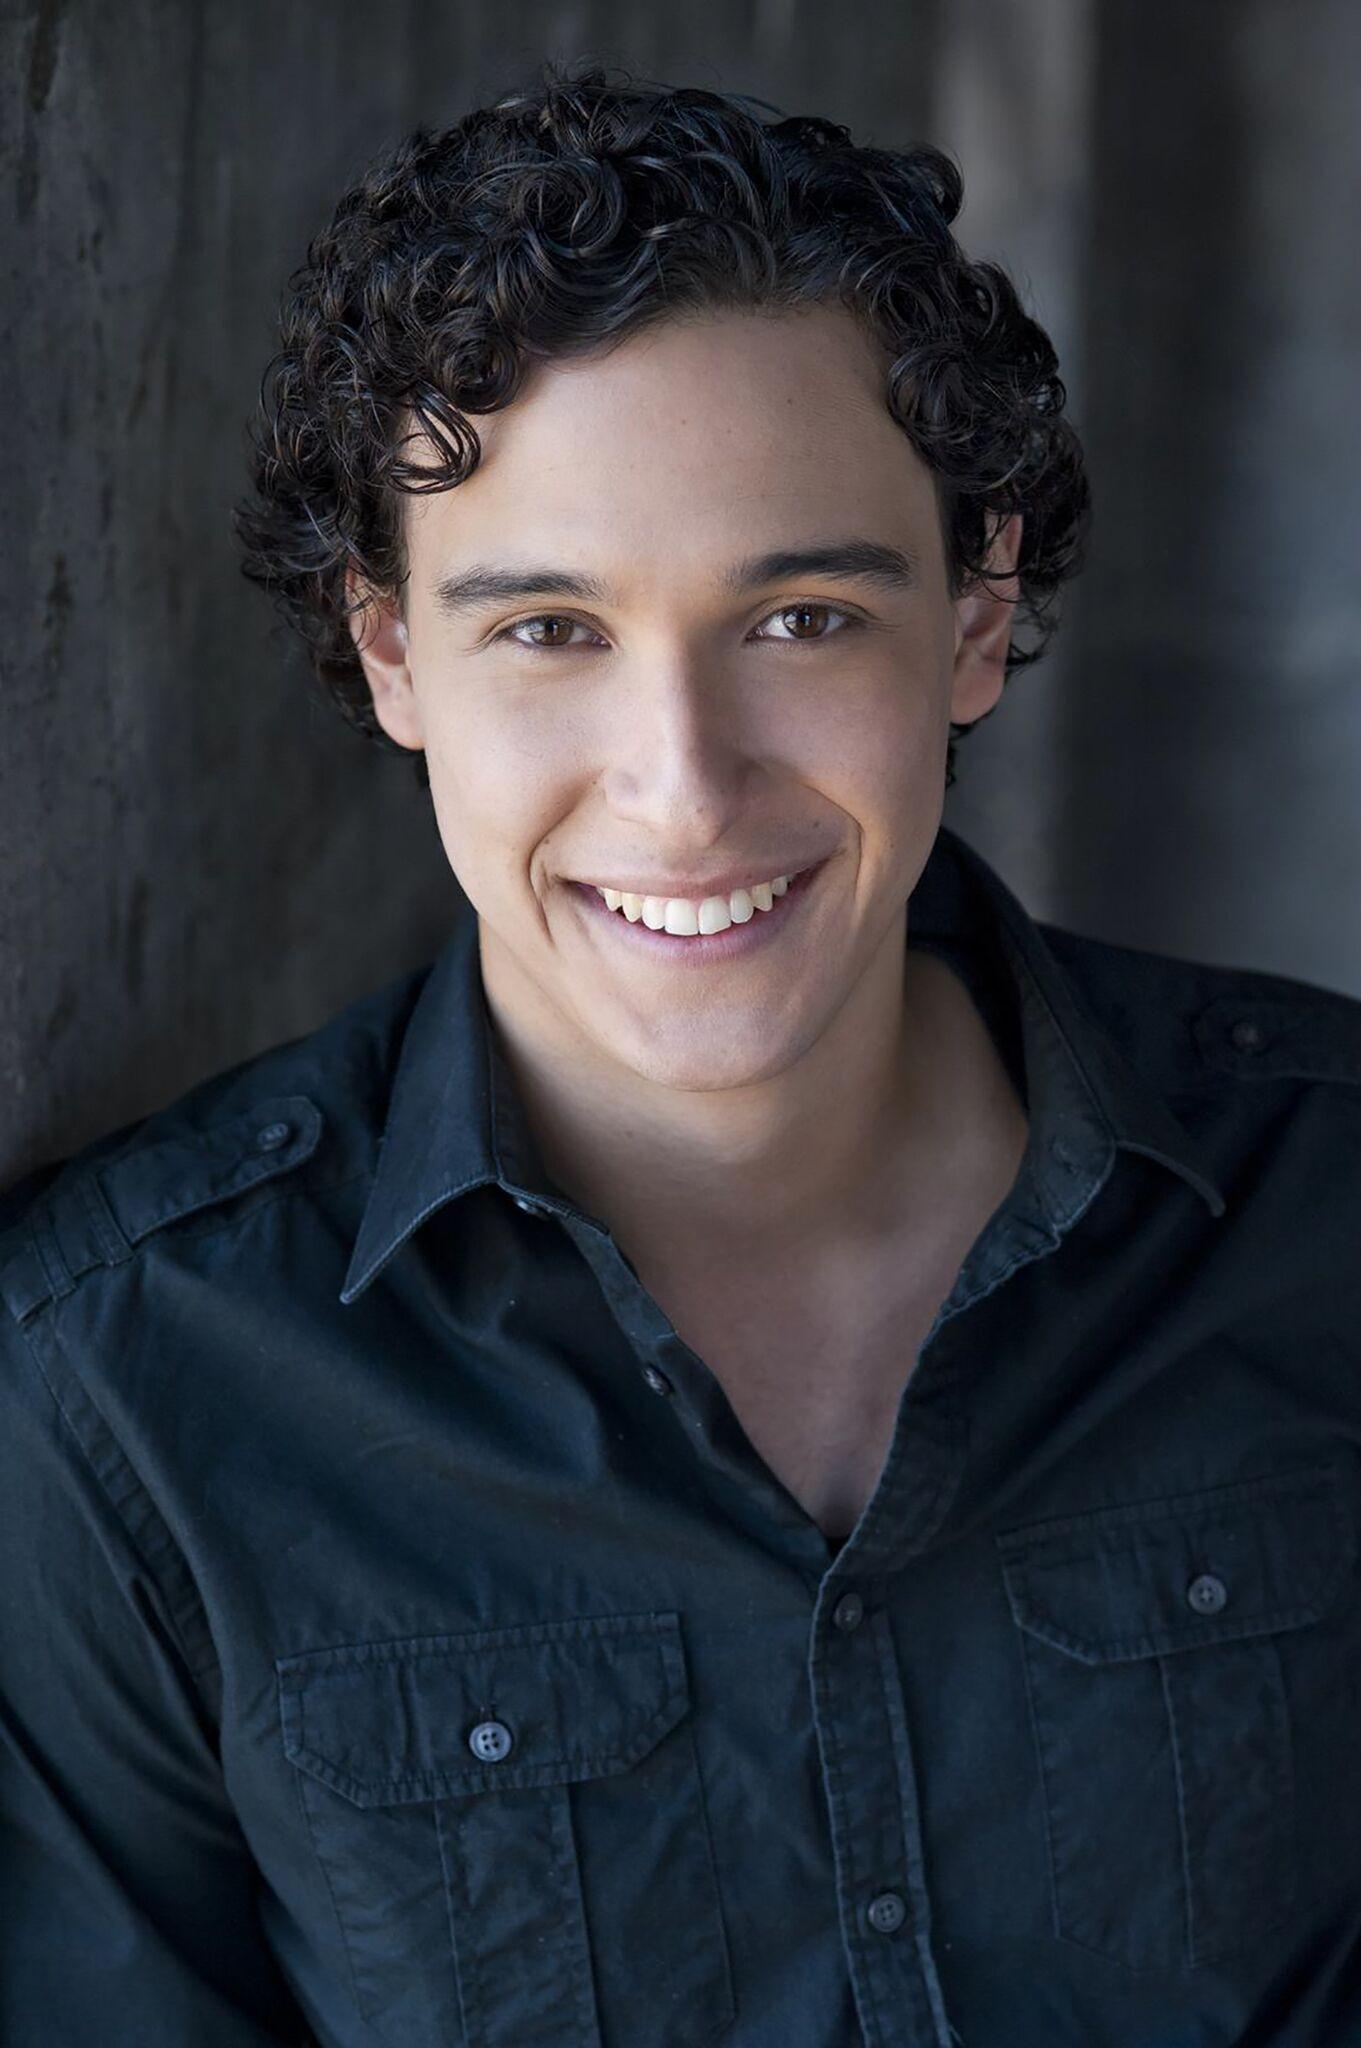 Joshua Grosso